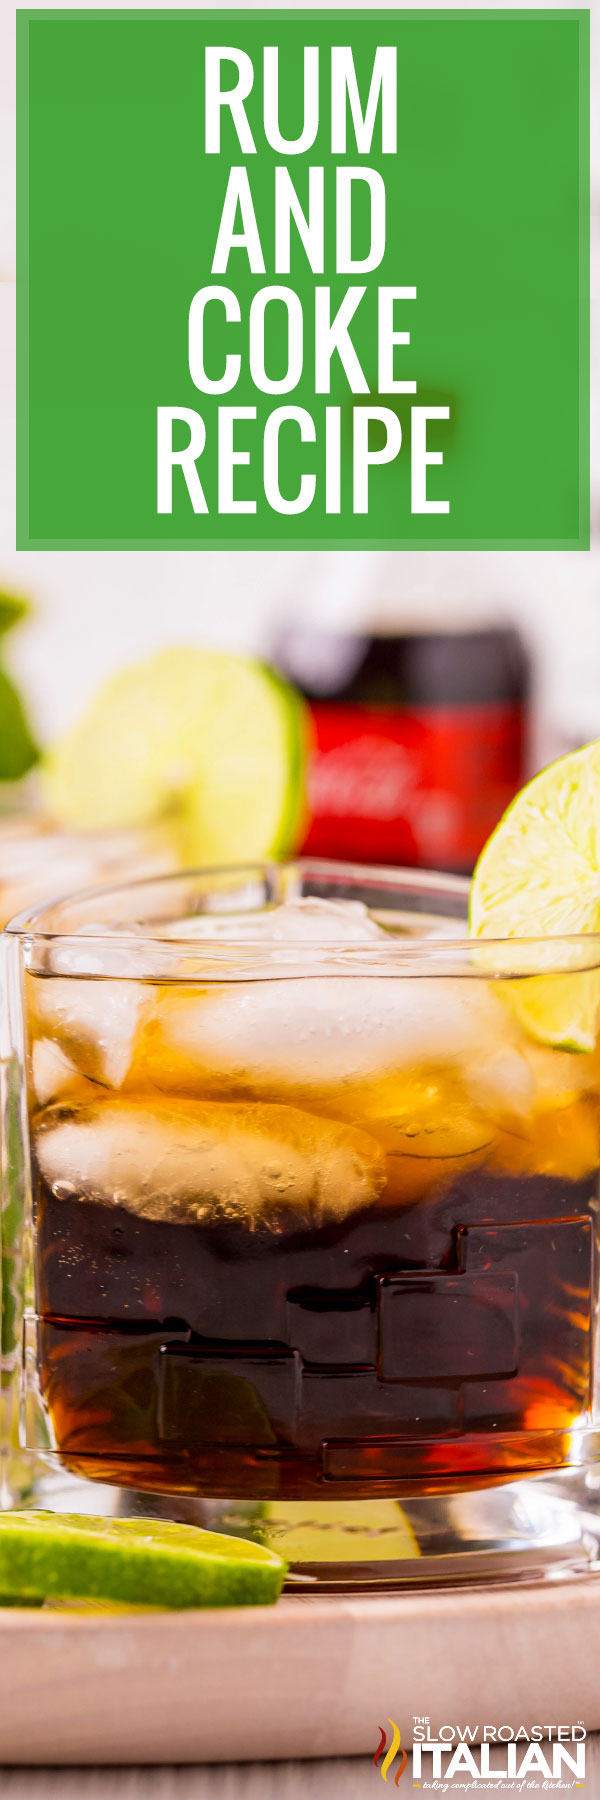 Rum and Coke Recipe closeup